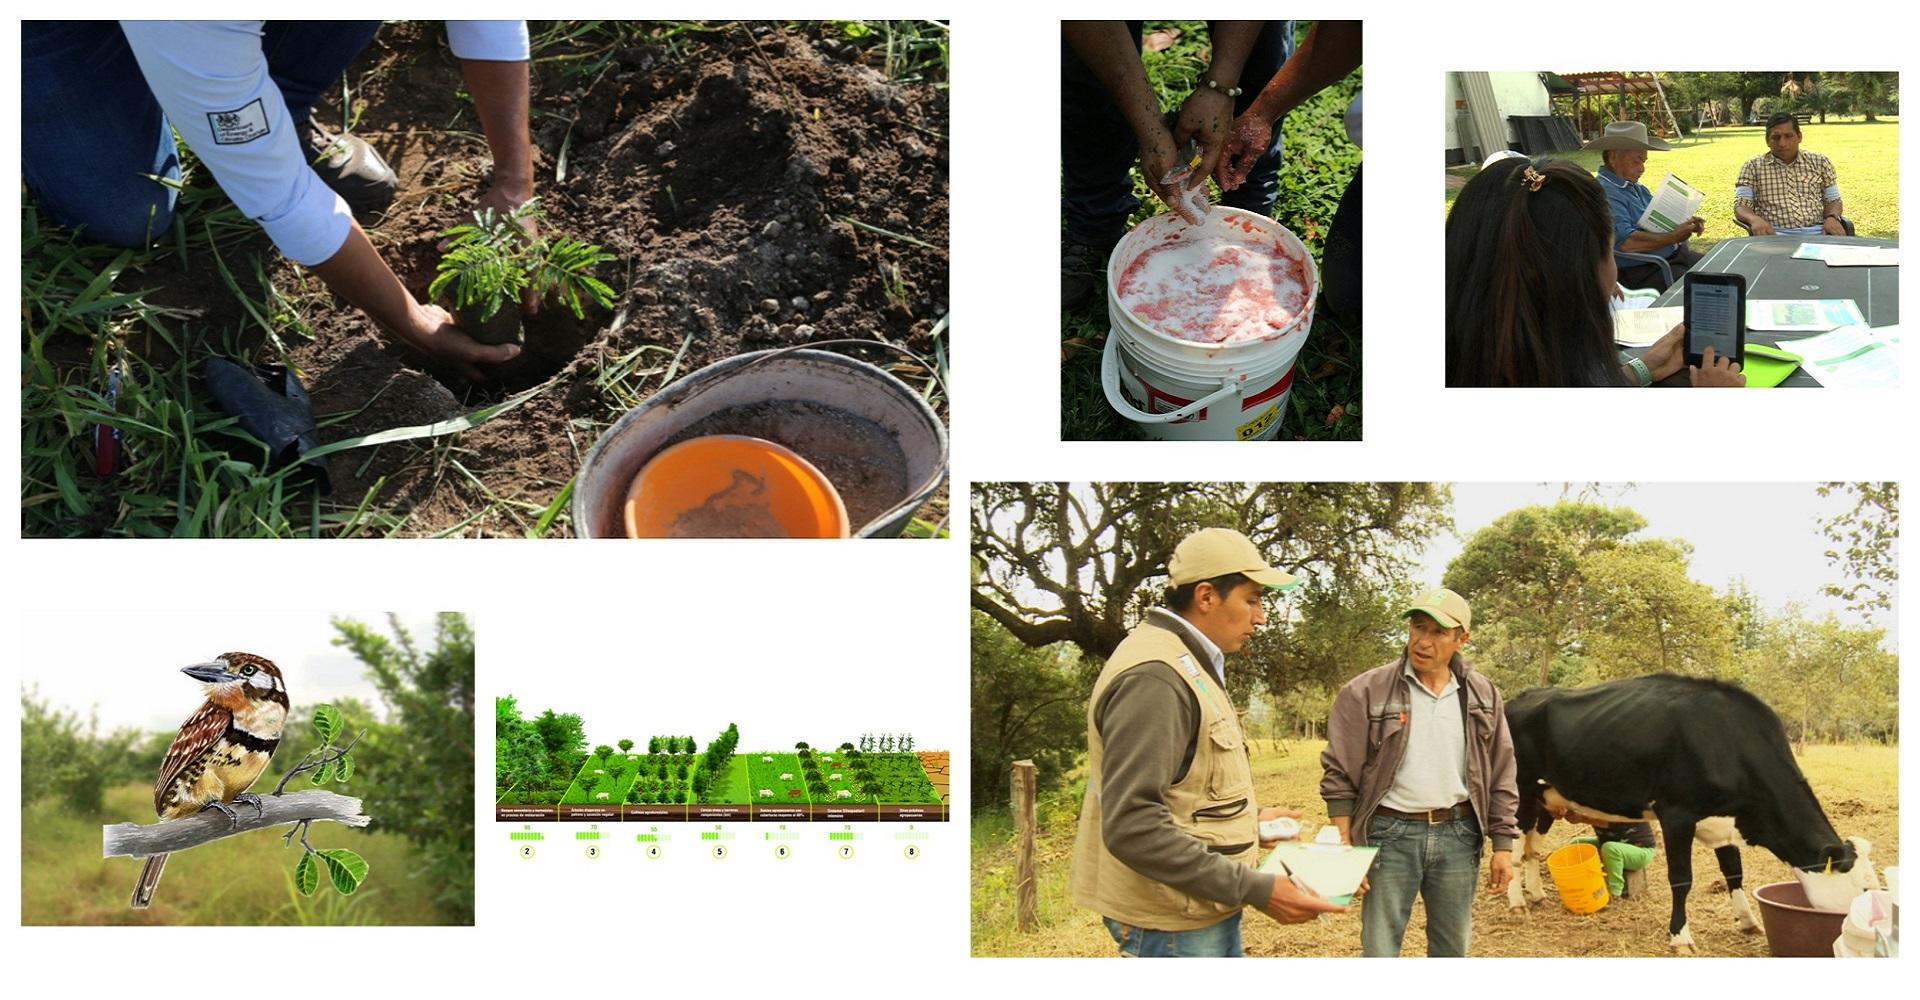 Encuentra aquí videos de ganadería sostenible